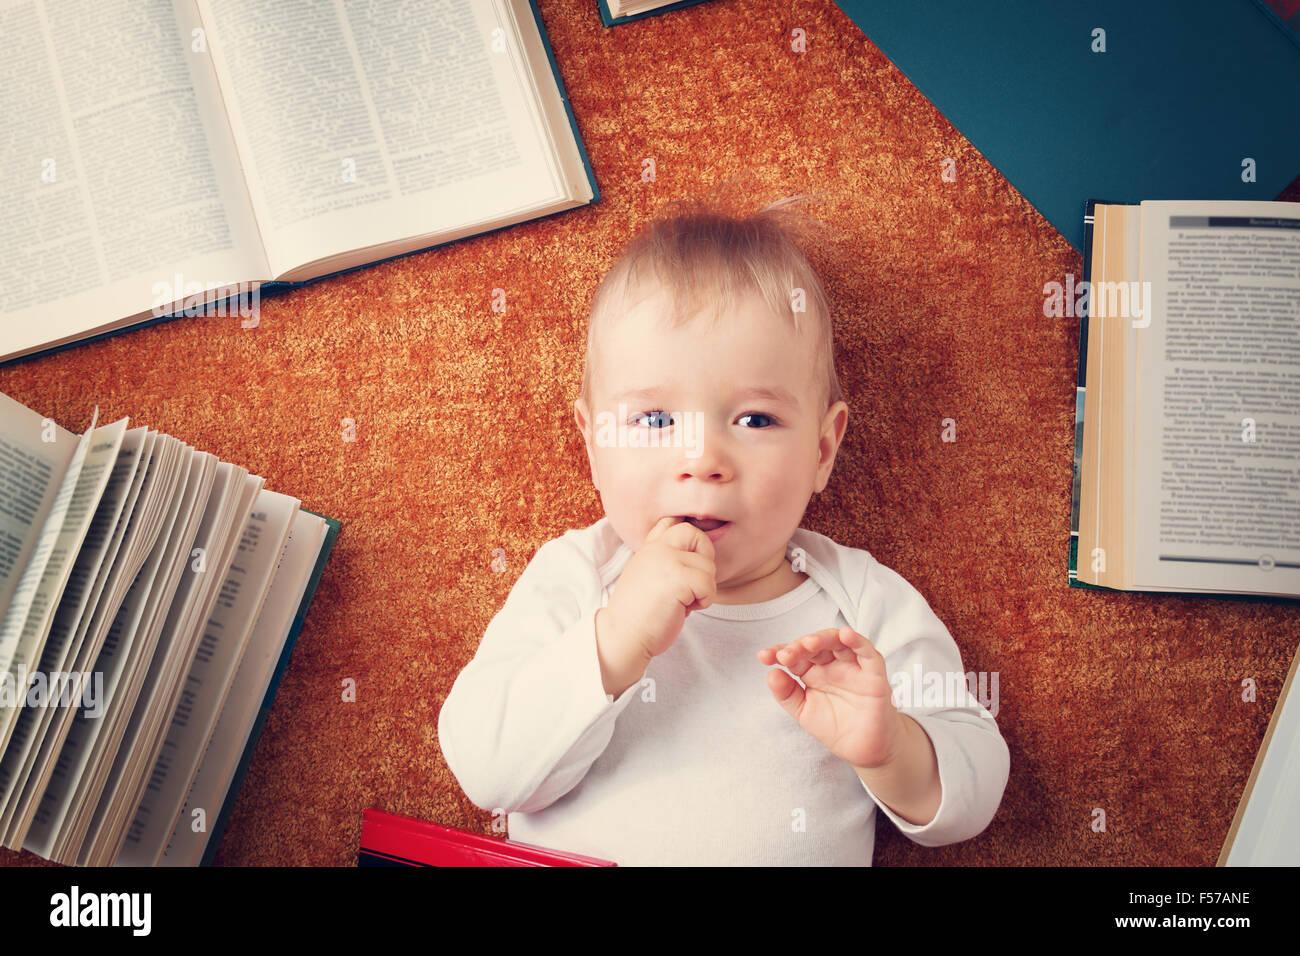 Bébé d'un an avec des livres Photo Stock